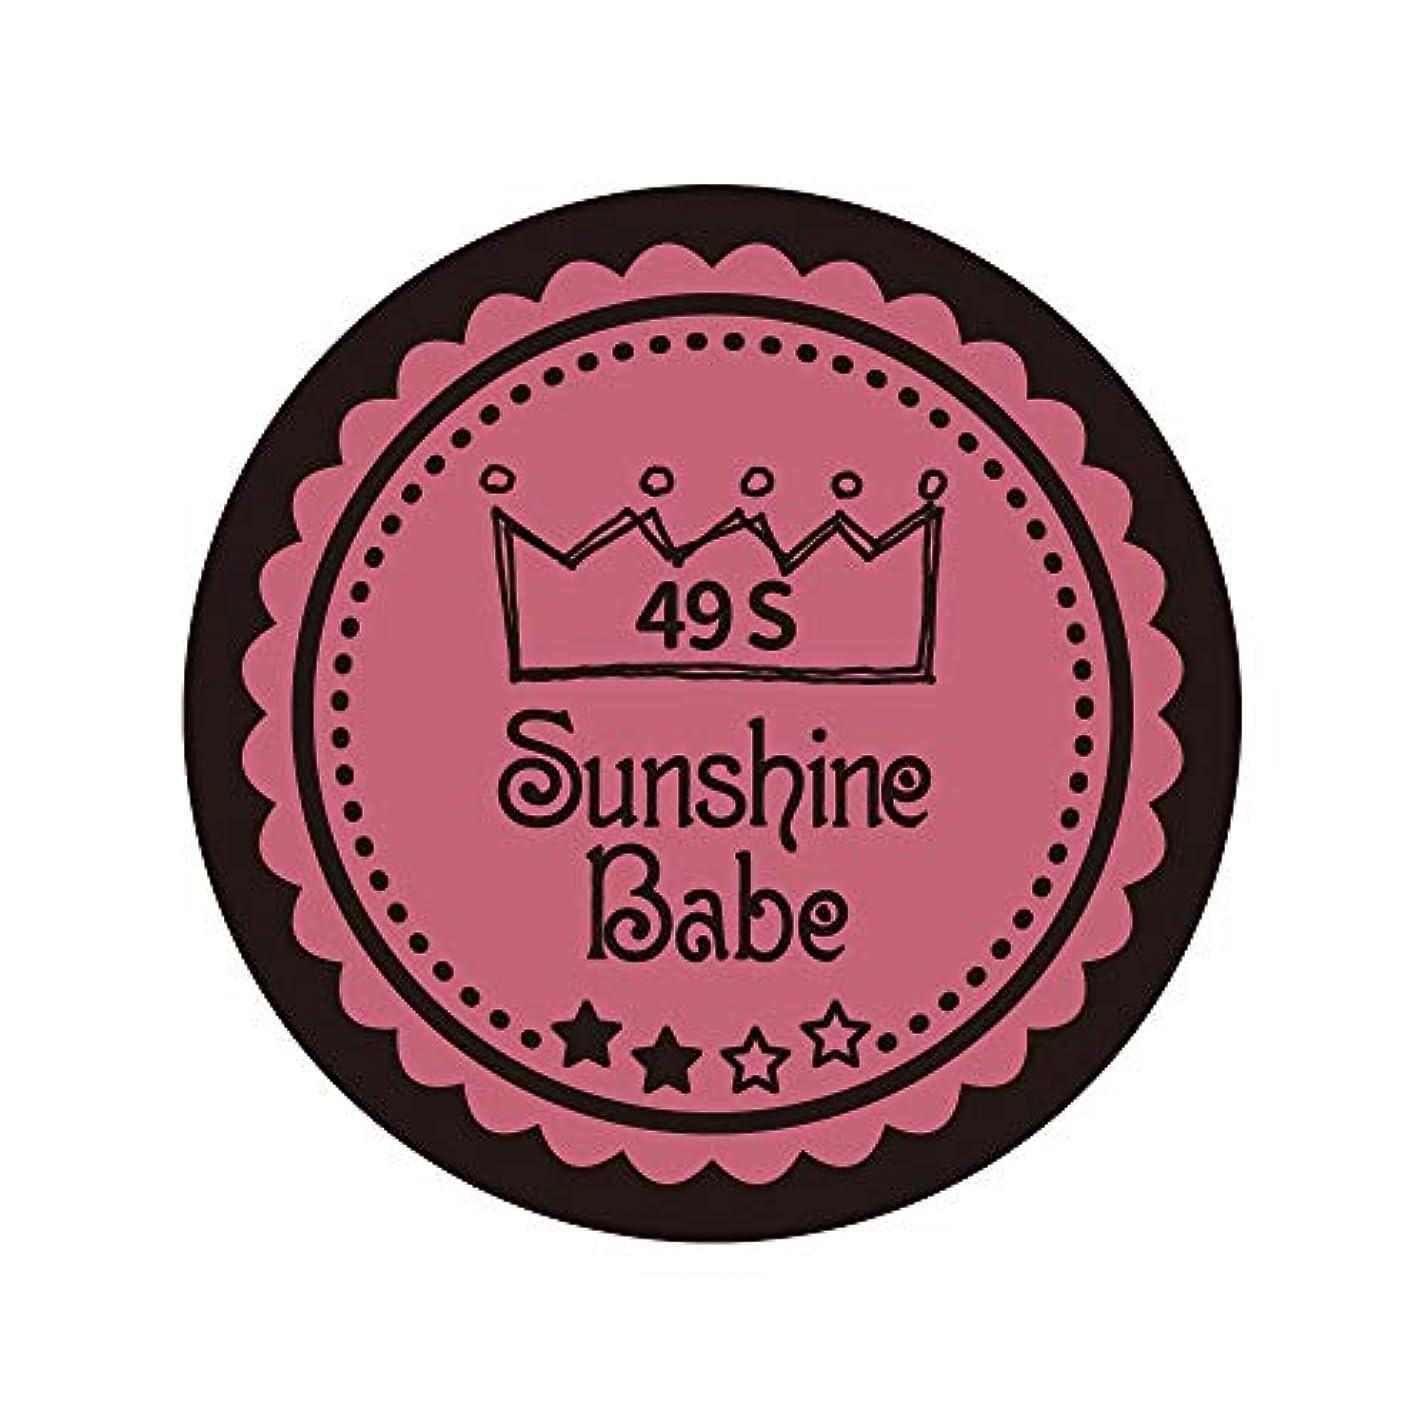 処分したはい文化Sunshine Babe カラージェル 49S カシミアピンク 4g UV/LED対応